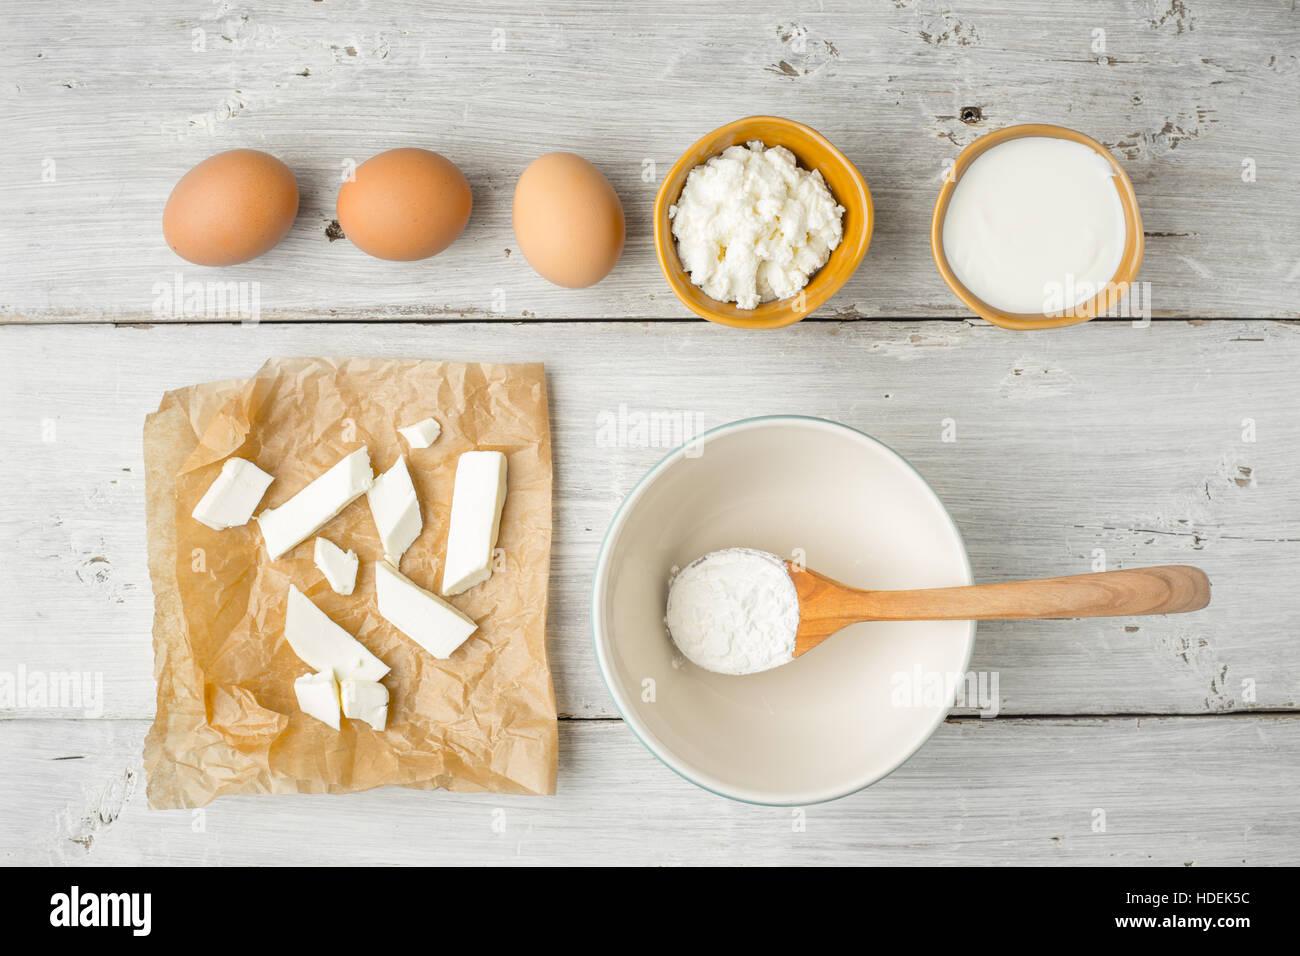 Différents fromages frais avec du yaourt et des oeufs sur la vue de dessus de table en bois blanc Photo Stock